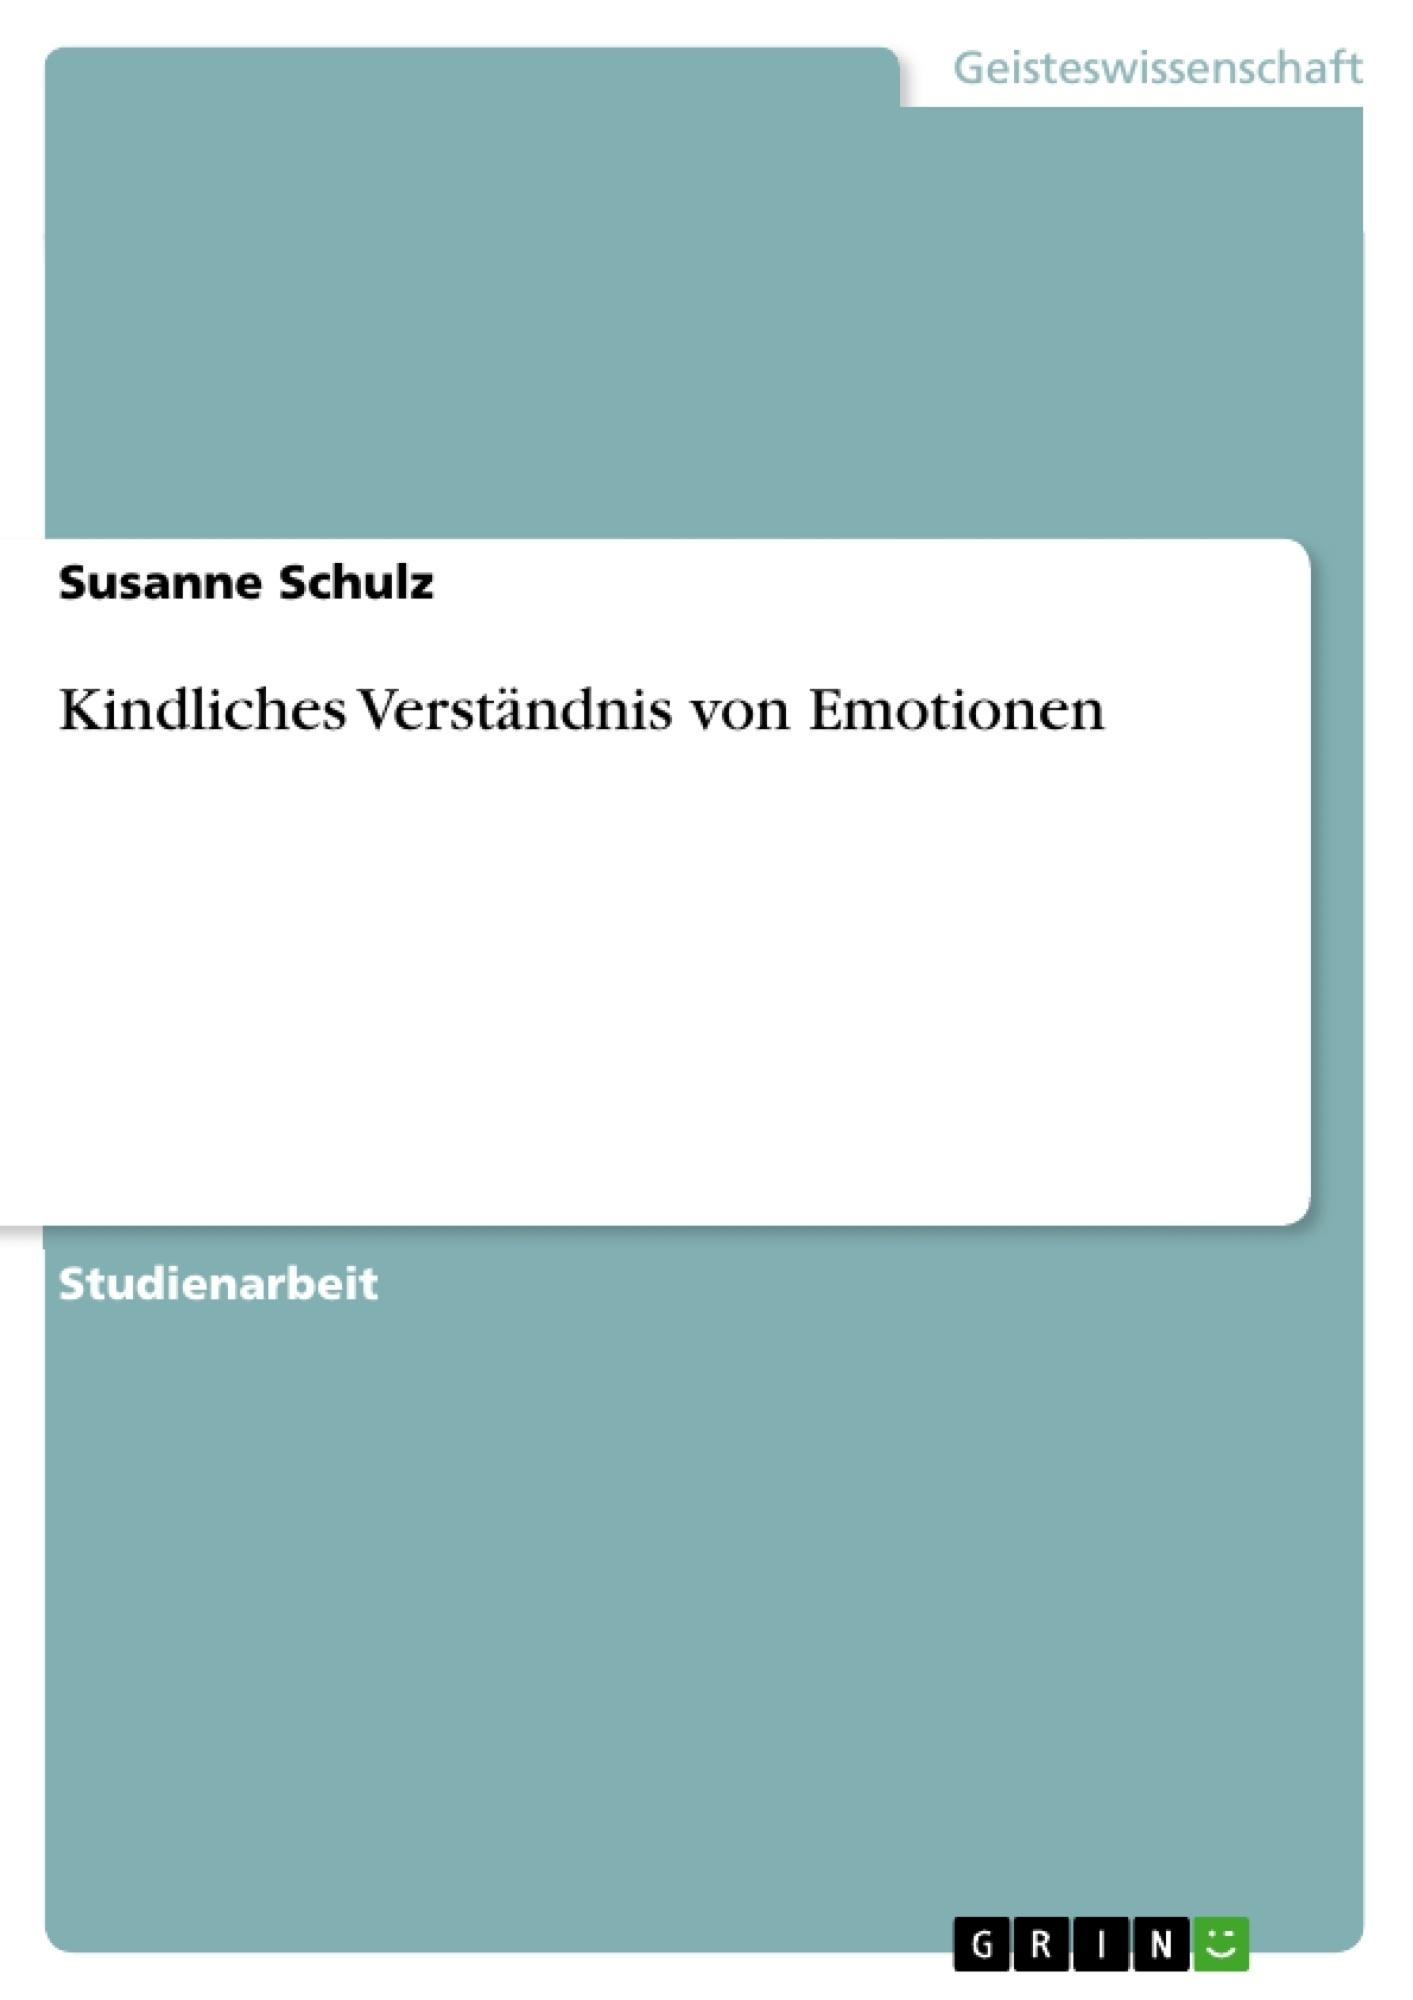 Titel: Kindliches Verständnis von Emotionen